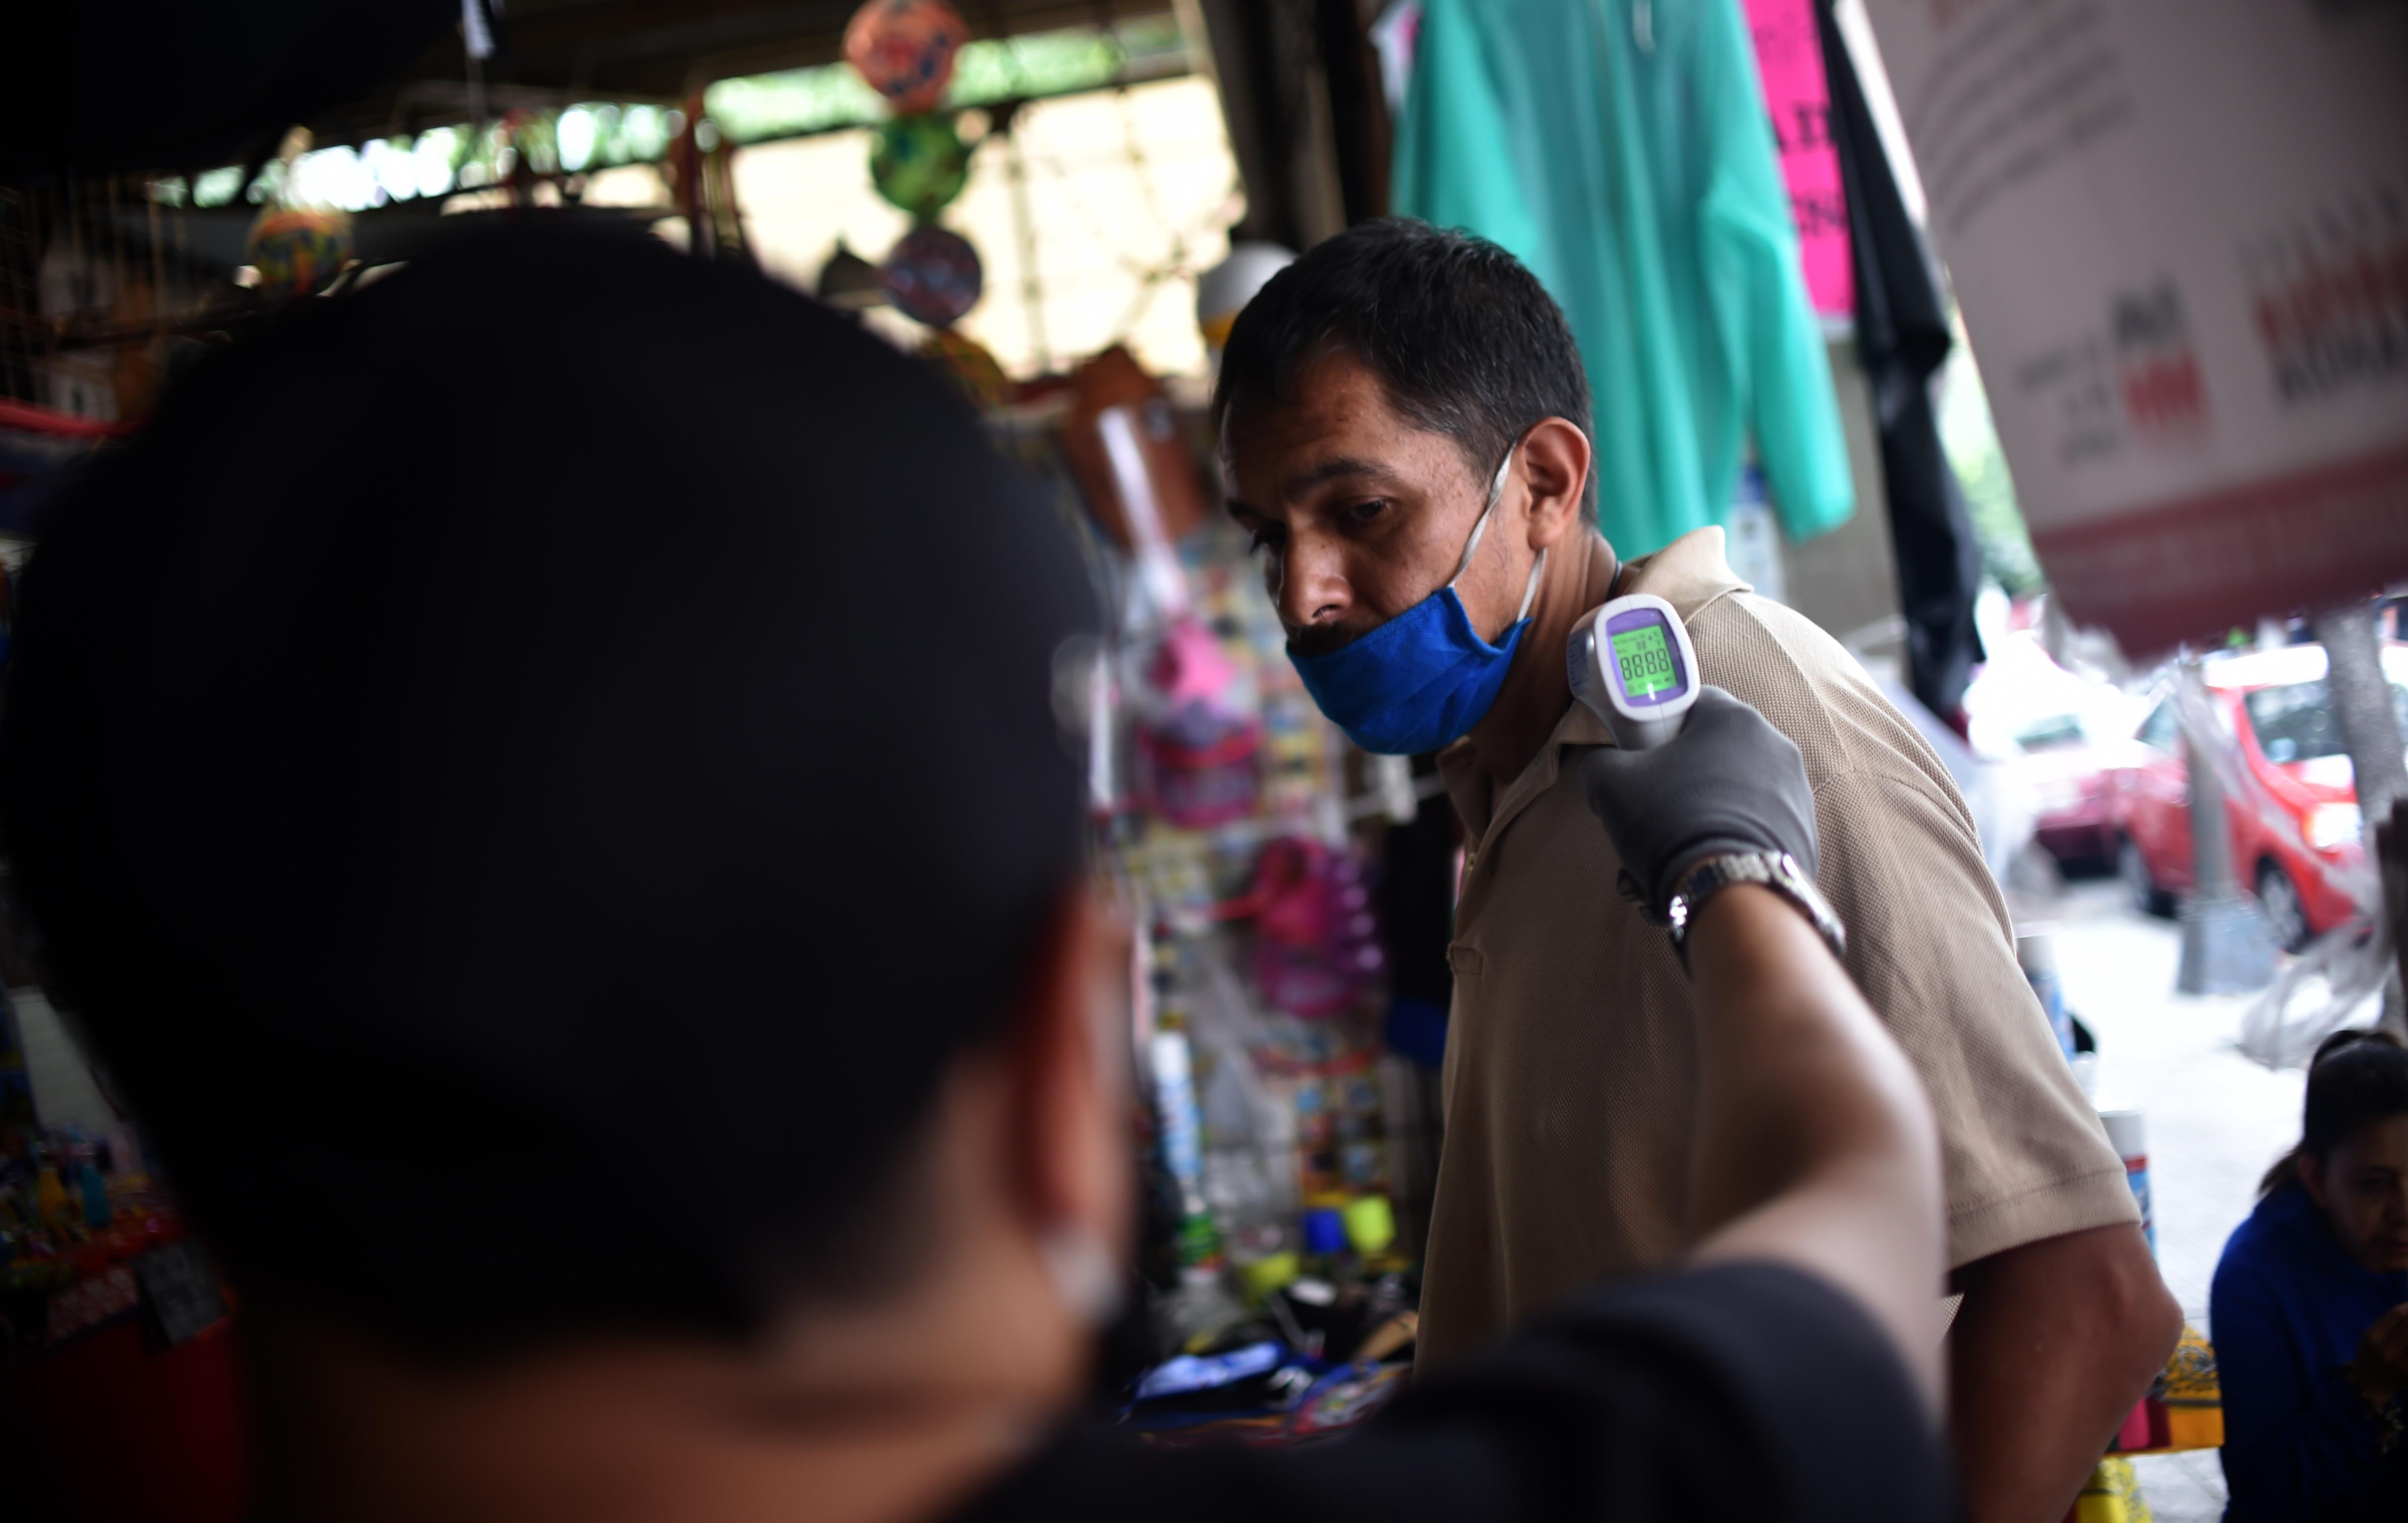 Un trabajador verifica la temperatura corporal de un cliente a la entrada de un mercado popular en la Ciudad de México el 29 de junio de 2020. (Foto: RODRIGO ARANGUA / AFP)